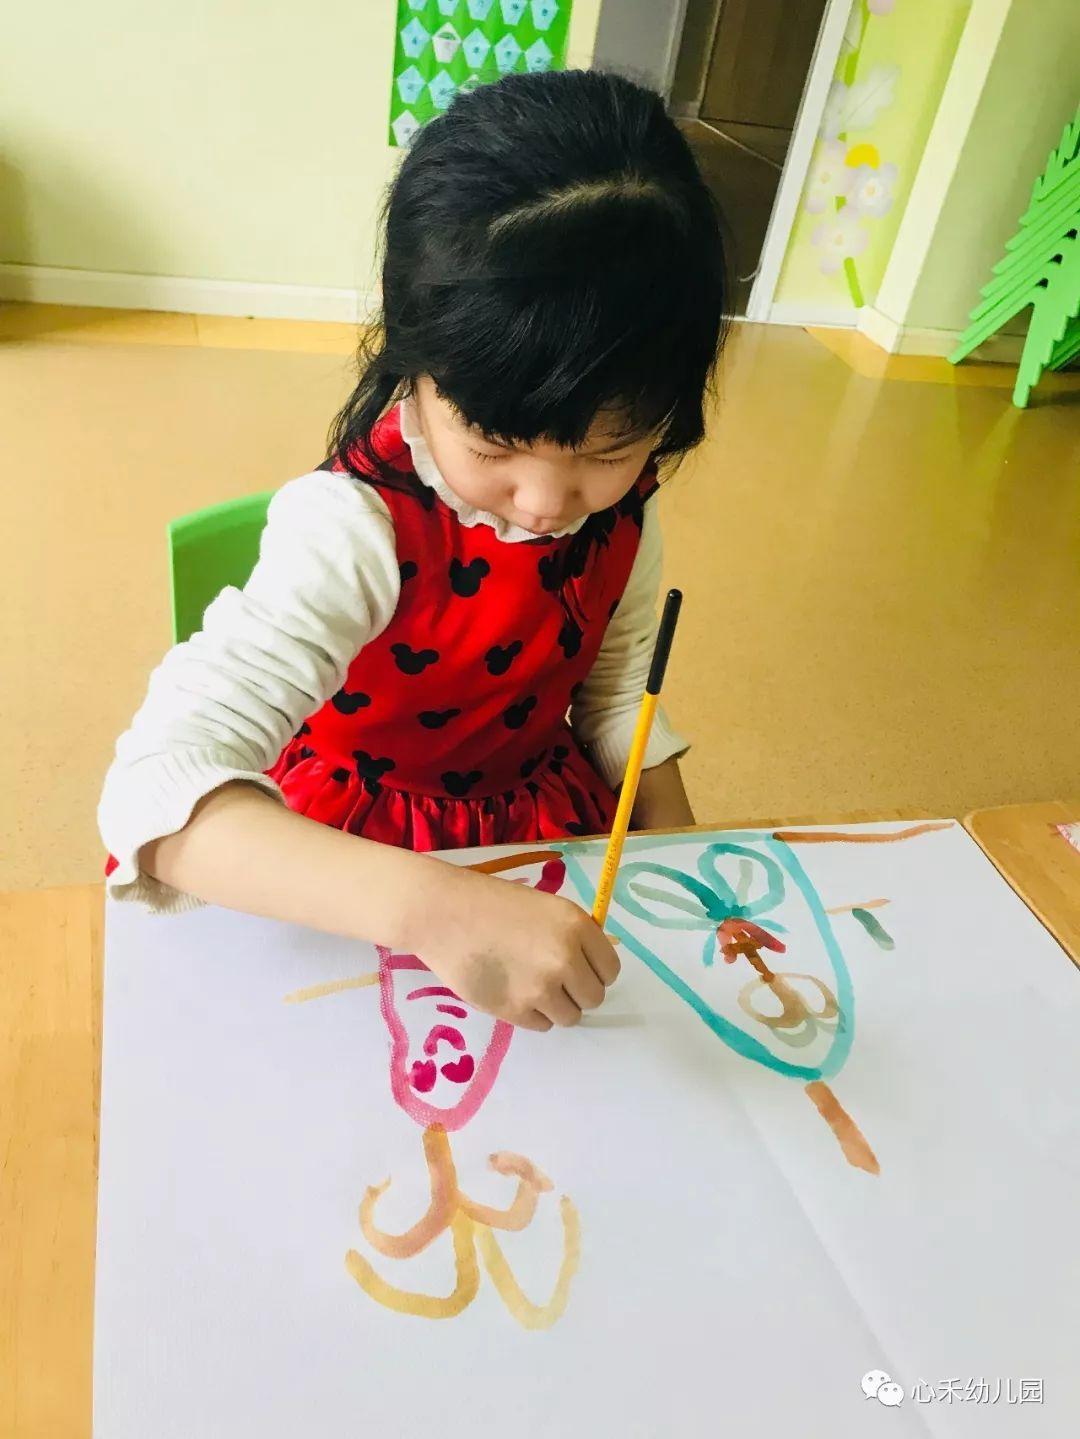 教小朋友画一幅风景画 美丽的风景画步骤教程 - 5068儿童网